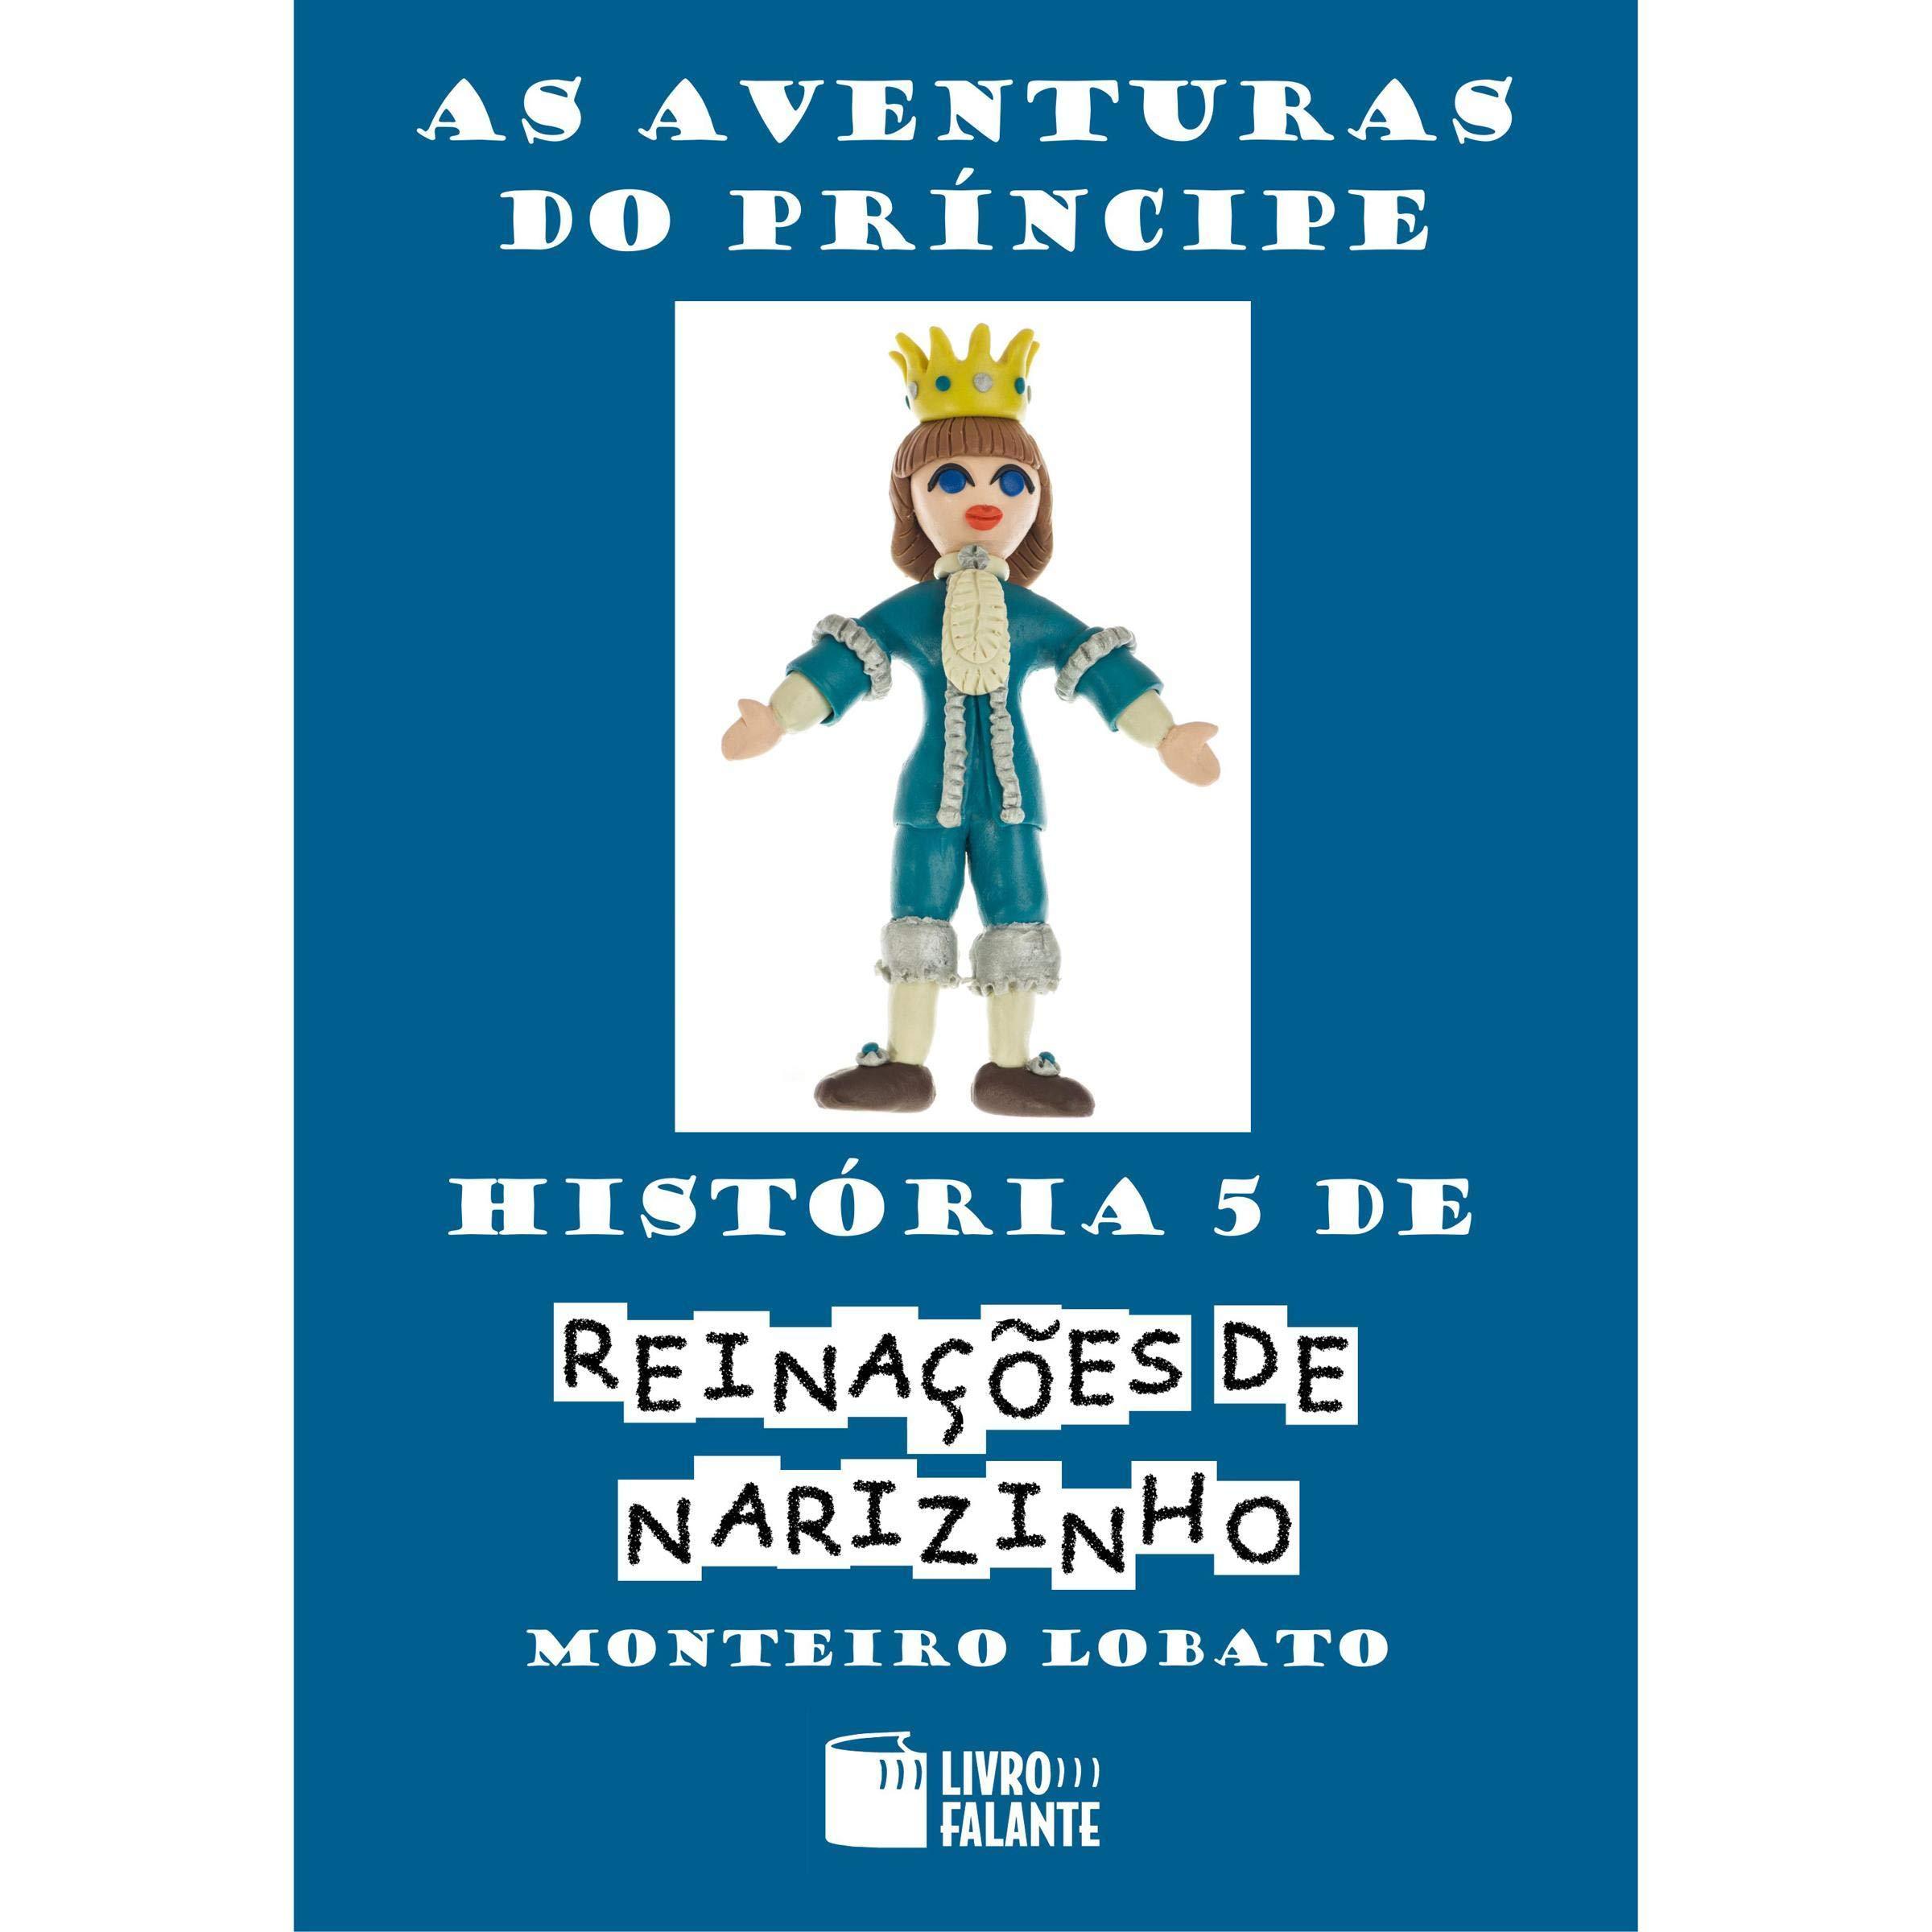 As aventuras do príncipe | Audiolivro